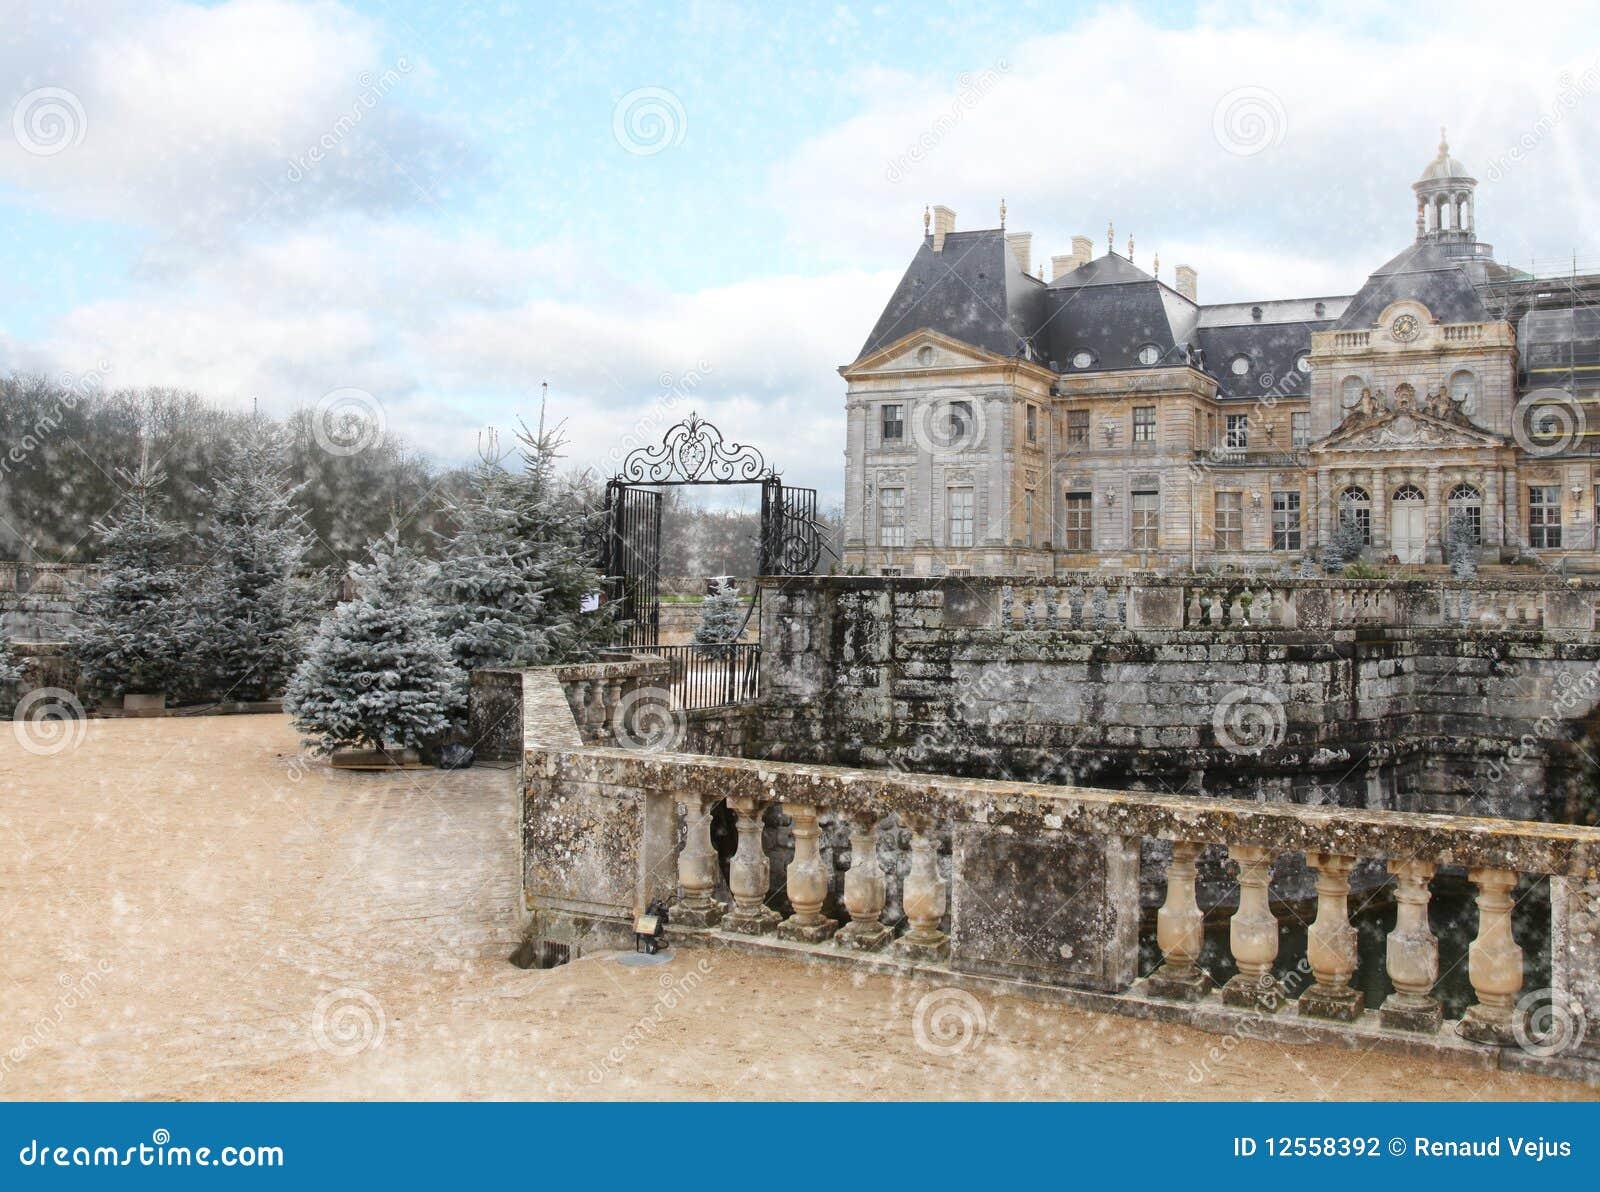 Castello vaux le vicomte in inverno